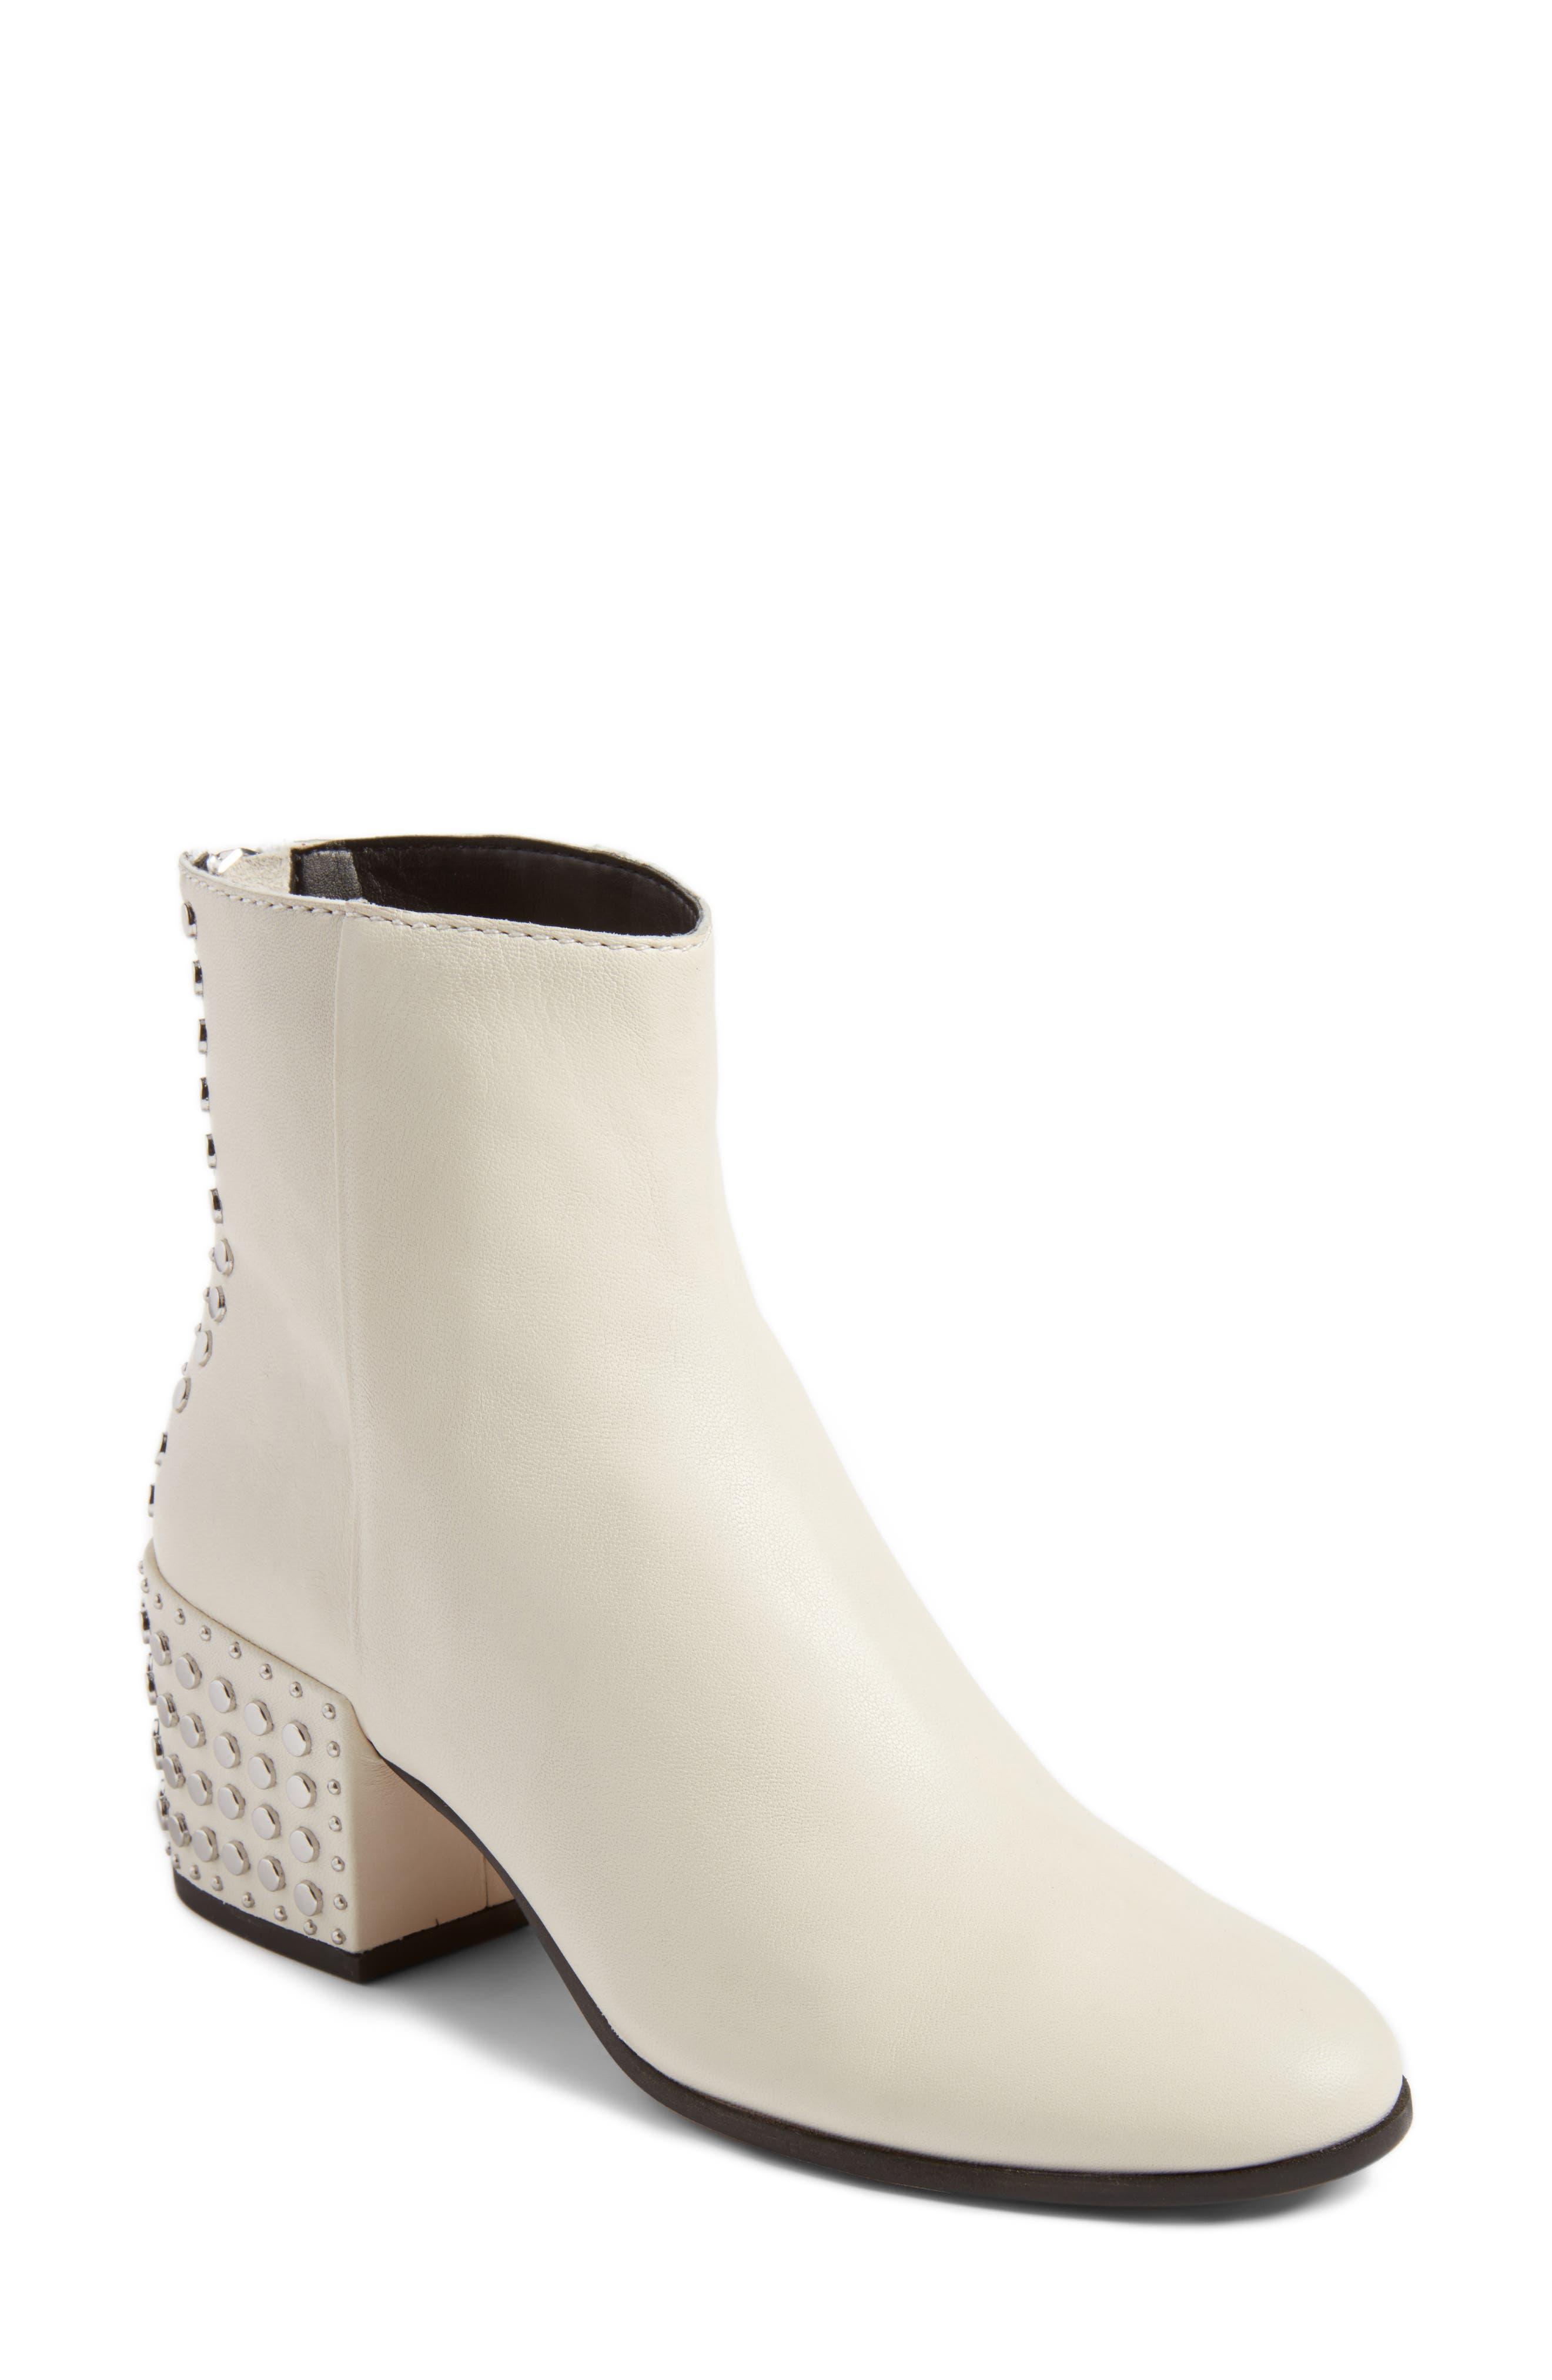 Alternate Image 1 Selected - Dolce Vita Mazey Block Heel Bootie (Women)